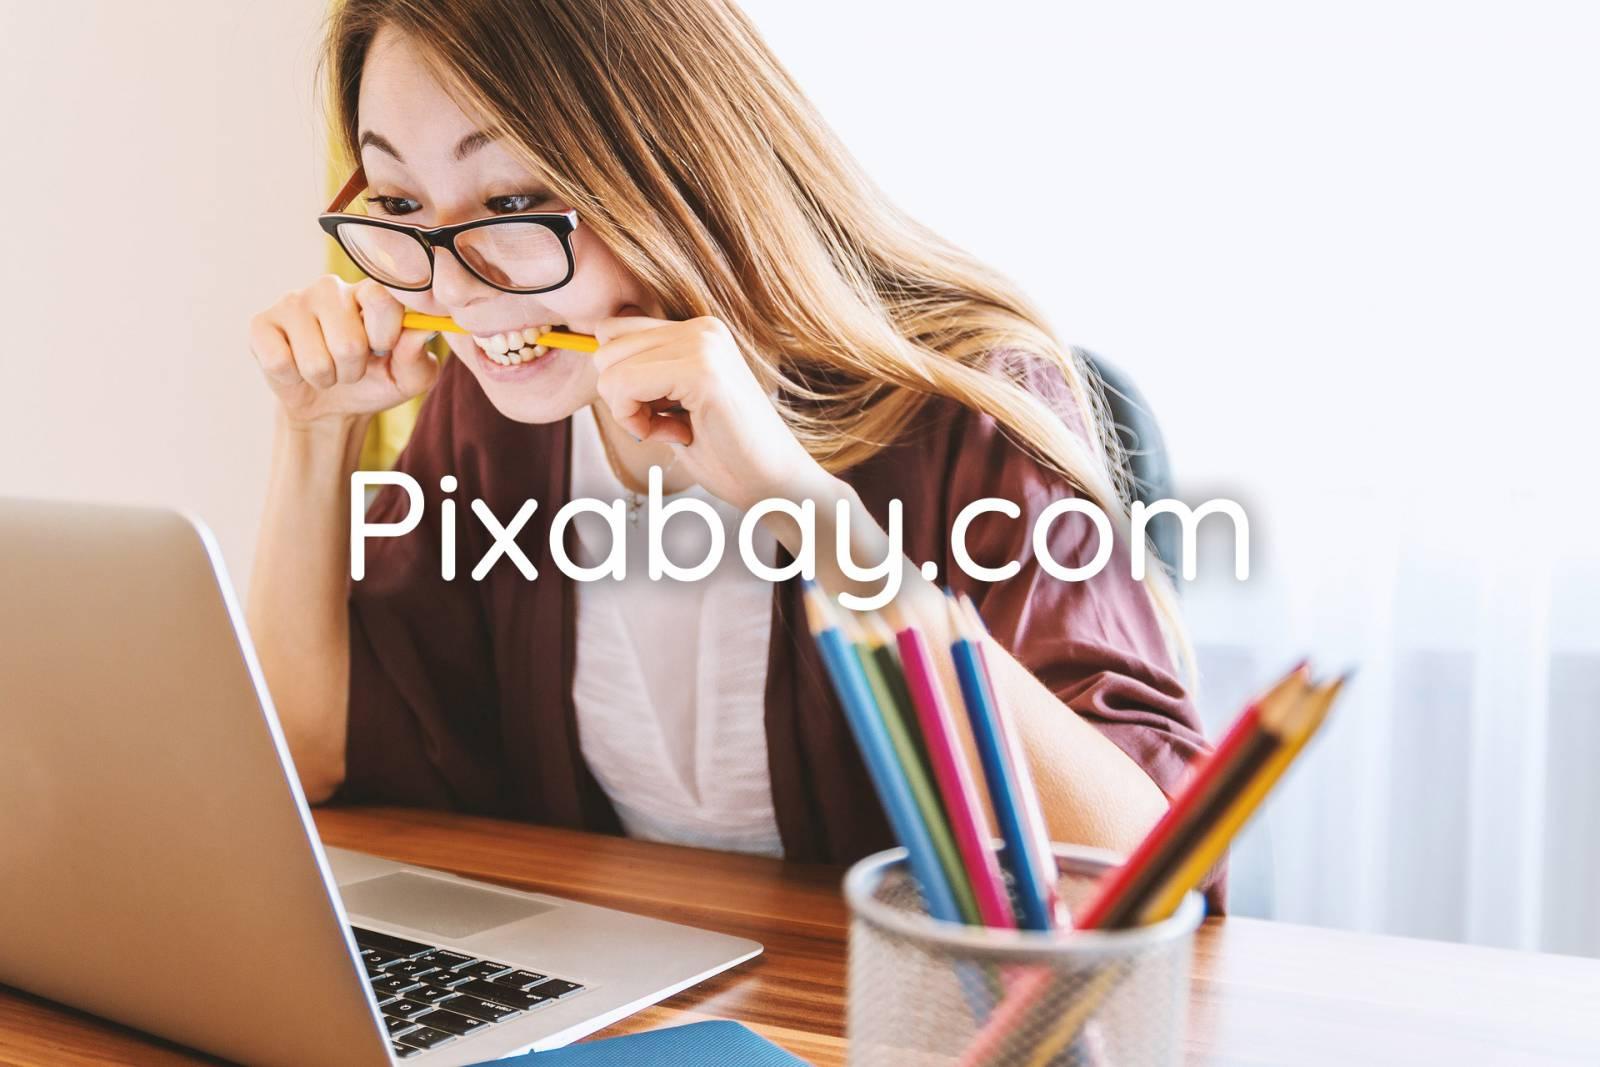 pixabay gratis stockfoto's